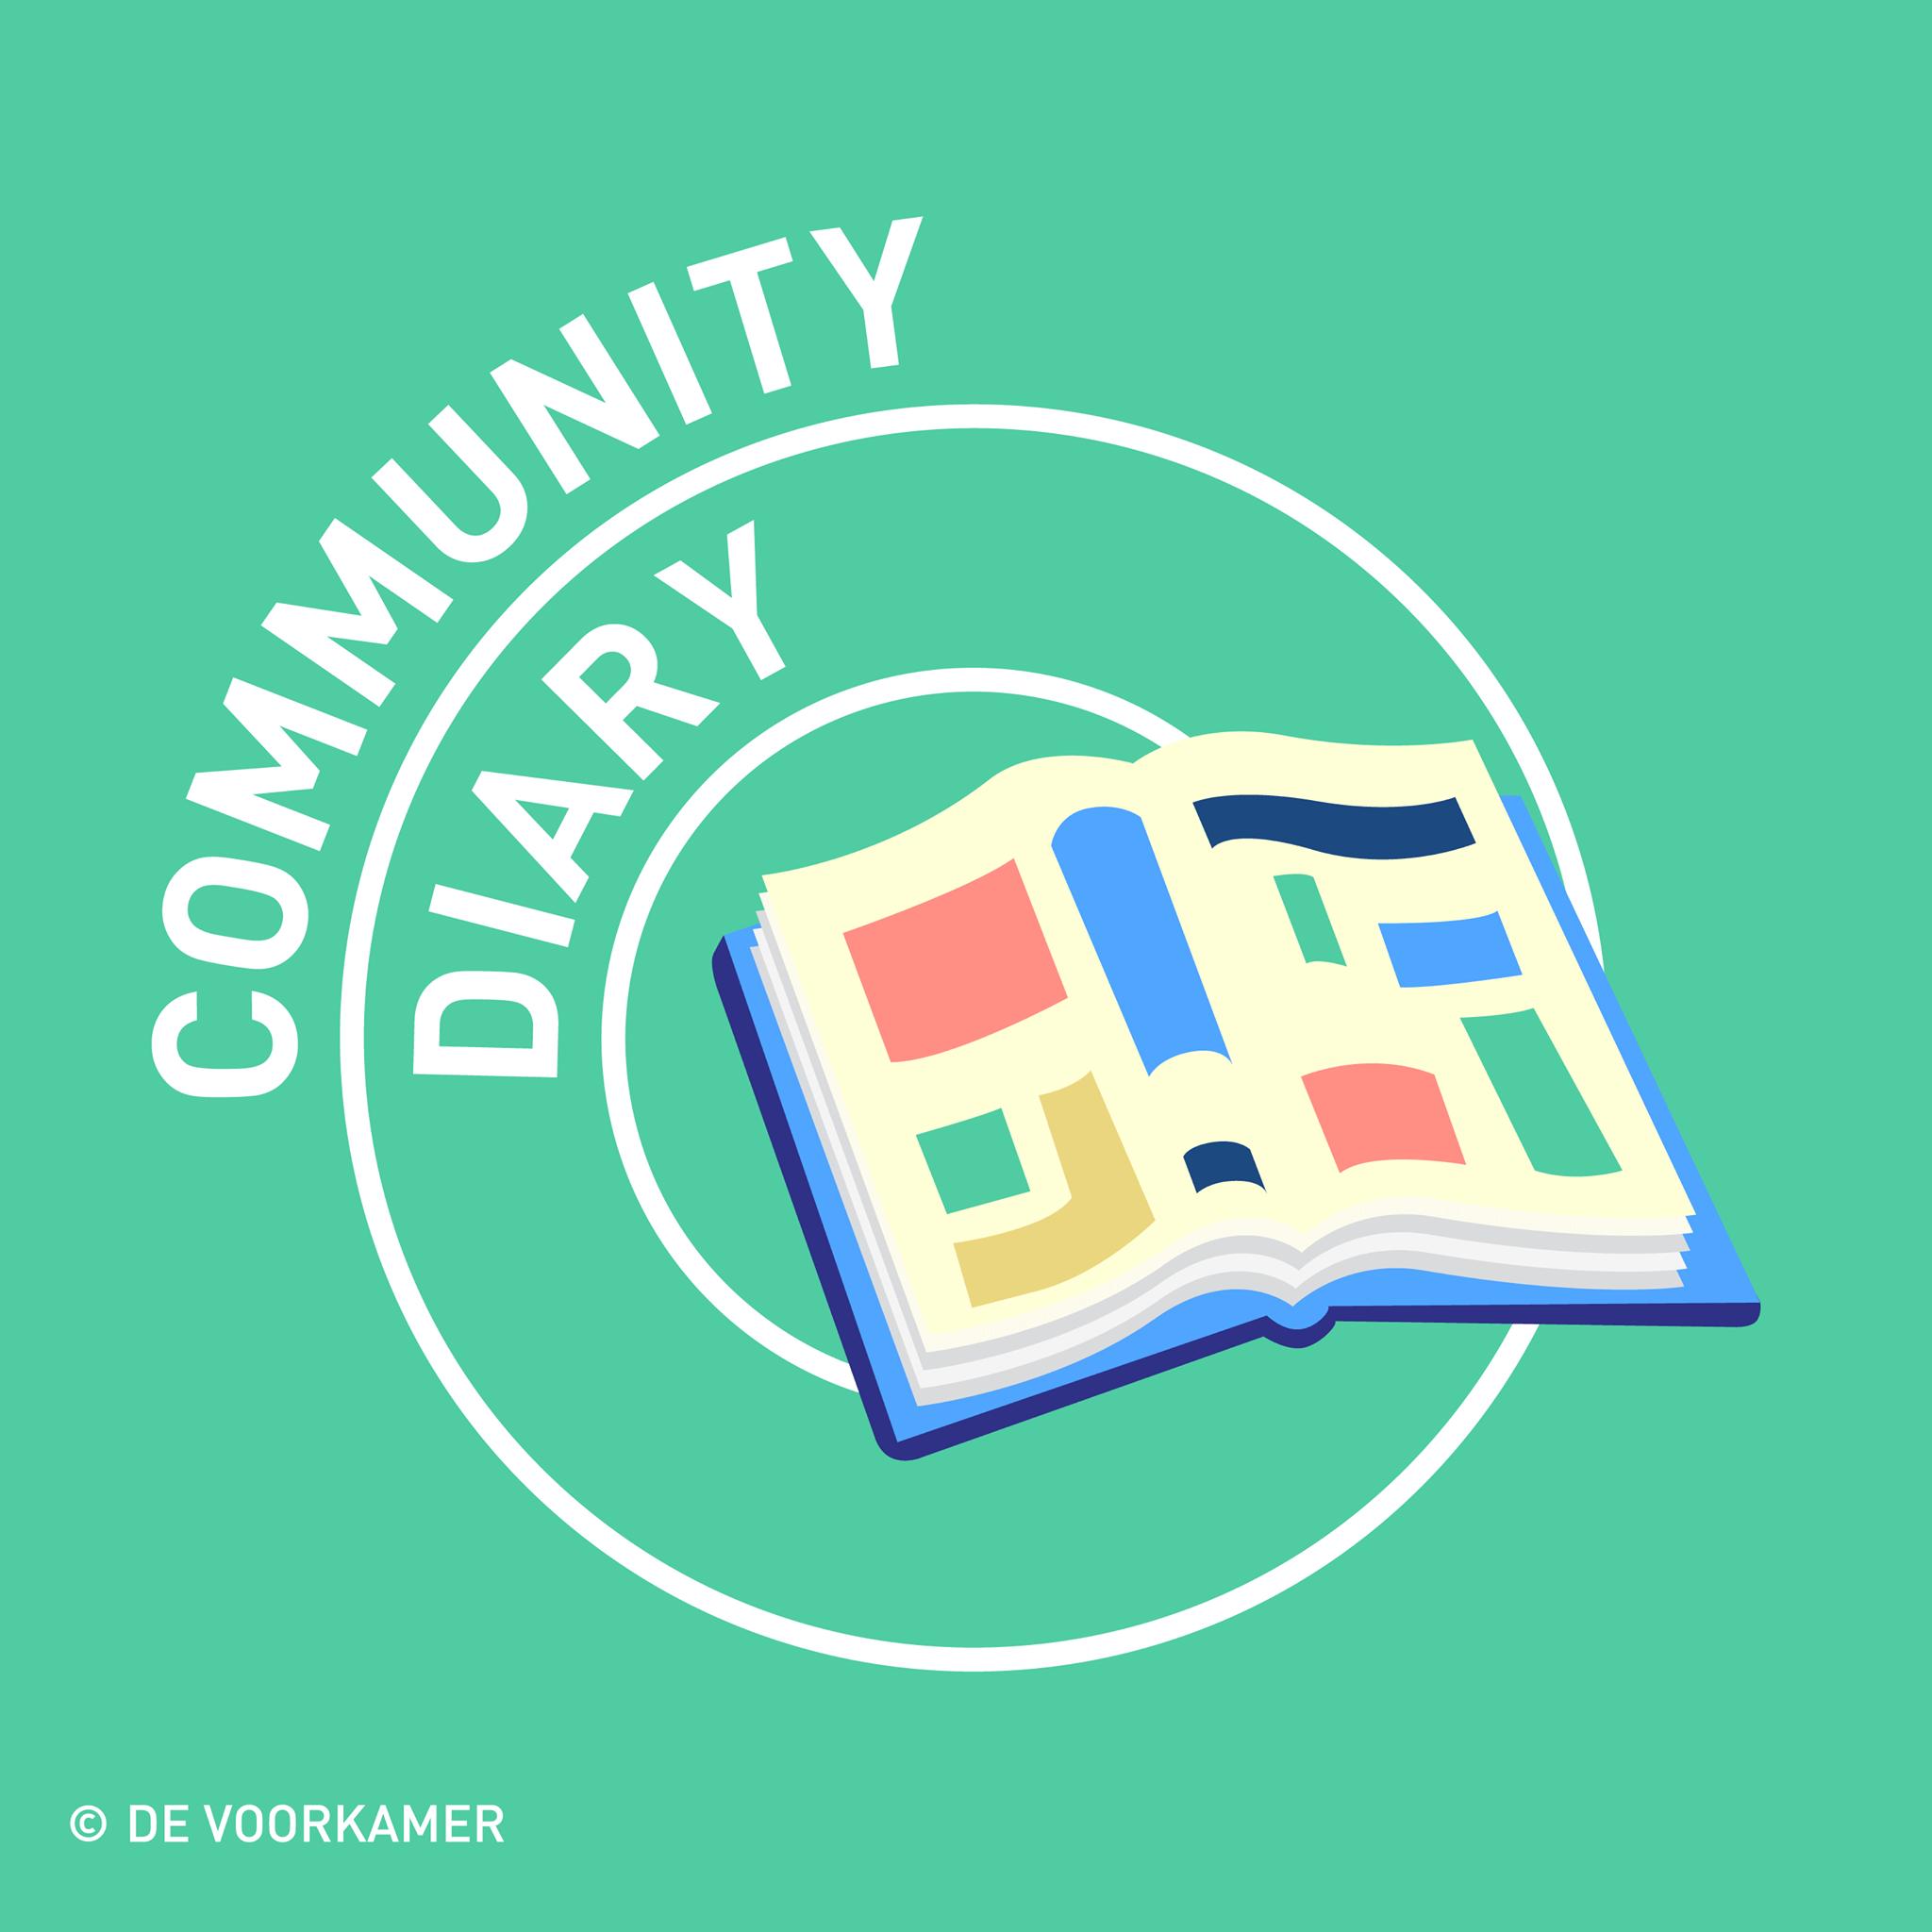 De Voorkamer Community Diary